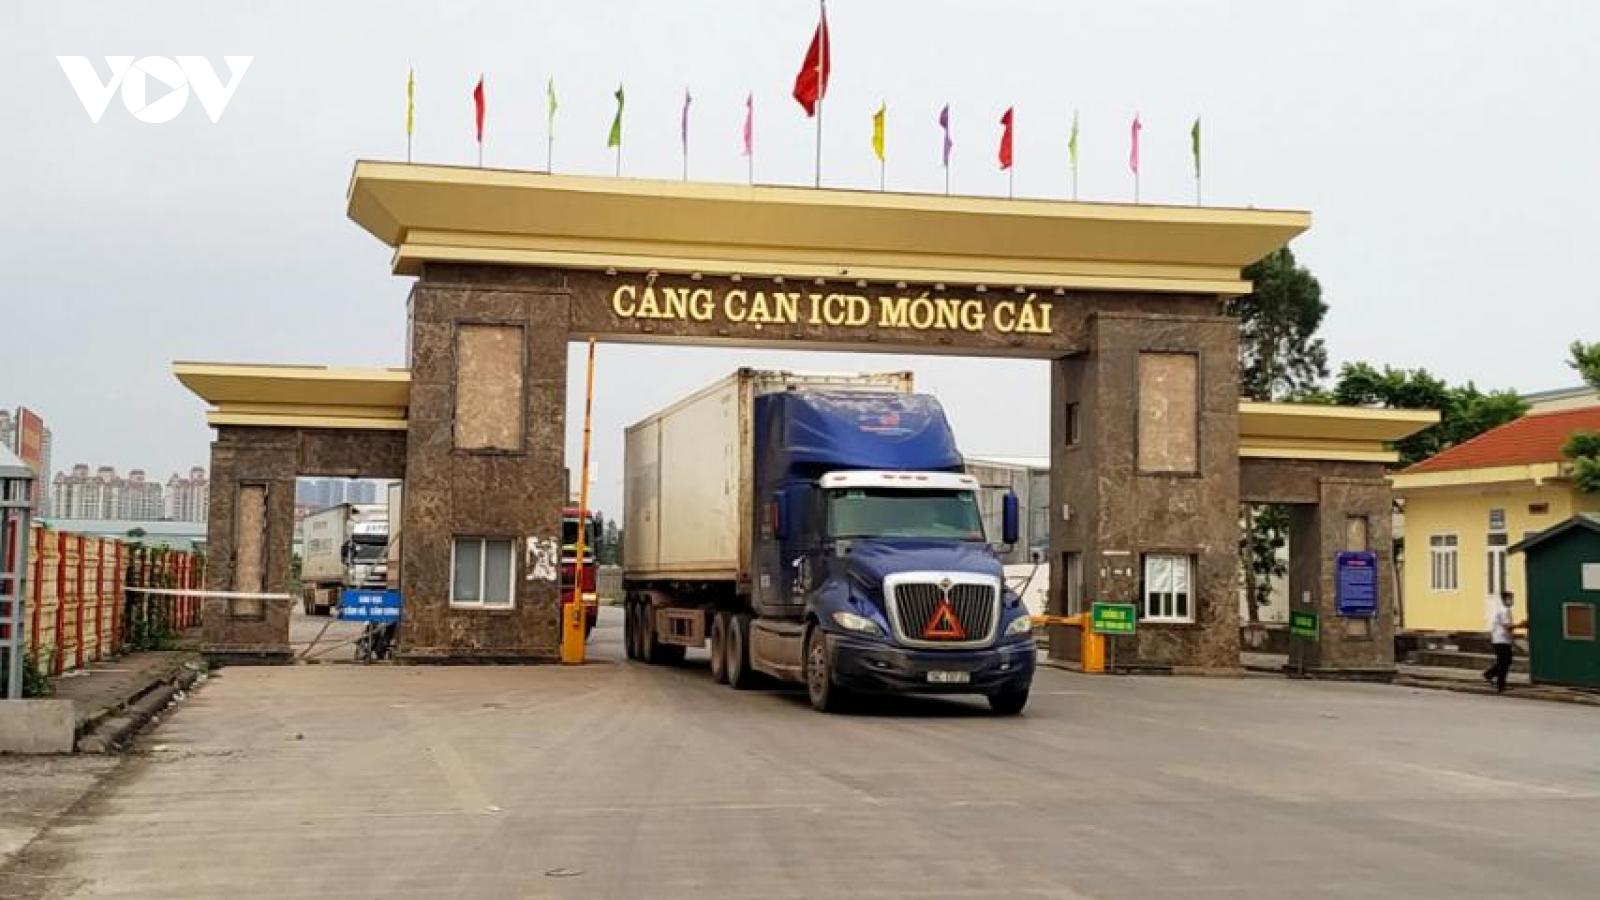 Khởi sắc xuất nhập khẩu hàng hóa nông sản qua cửa khẩu, lối mở ở Móng Cái